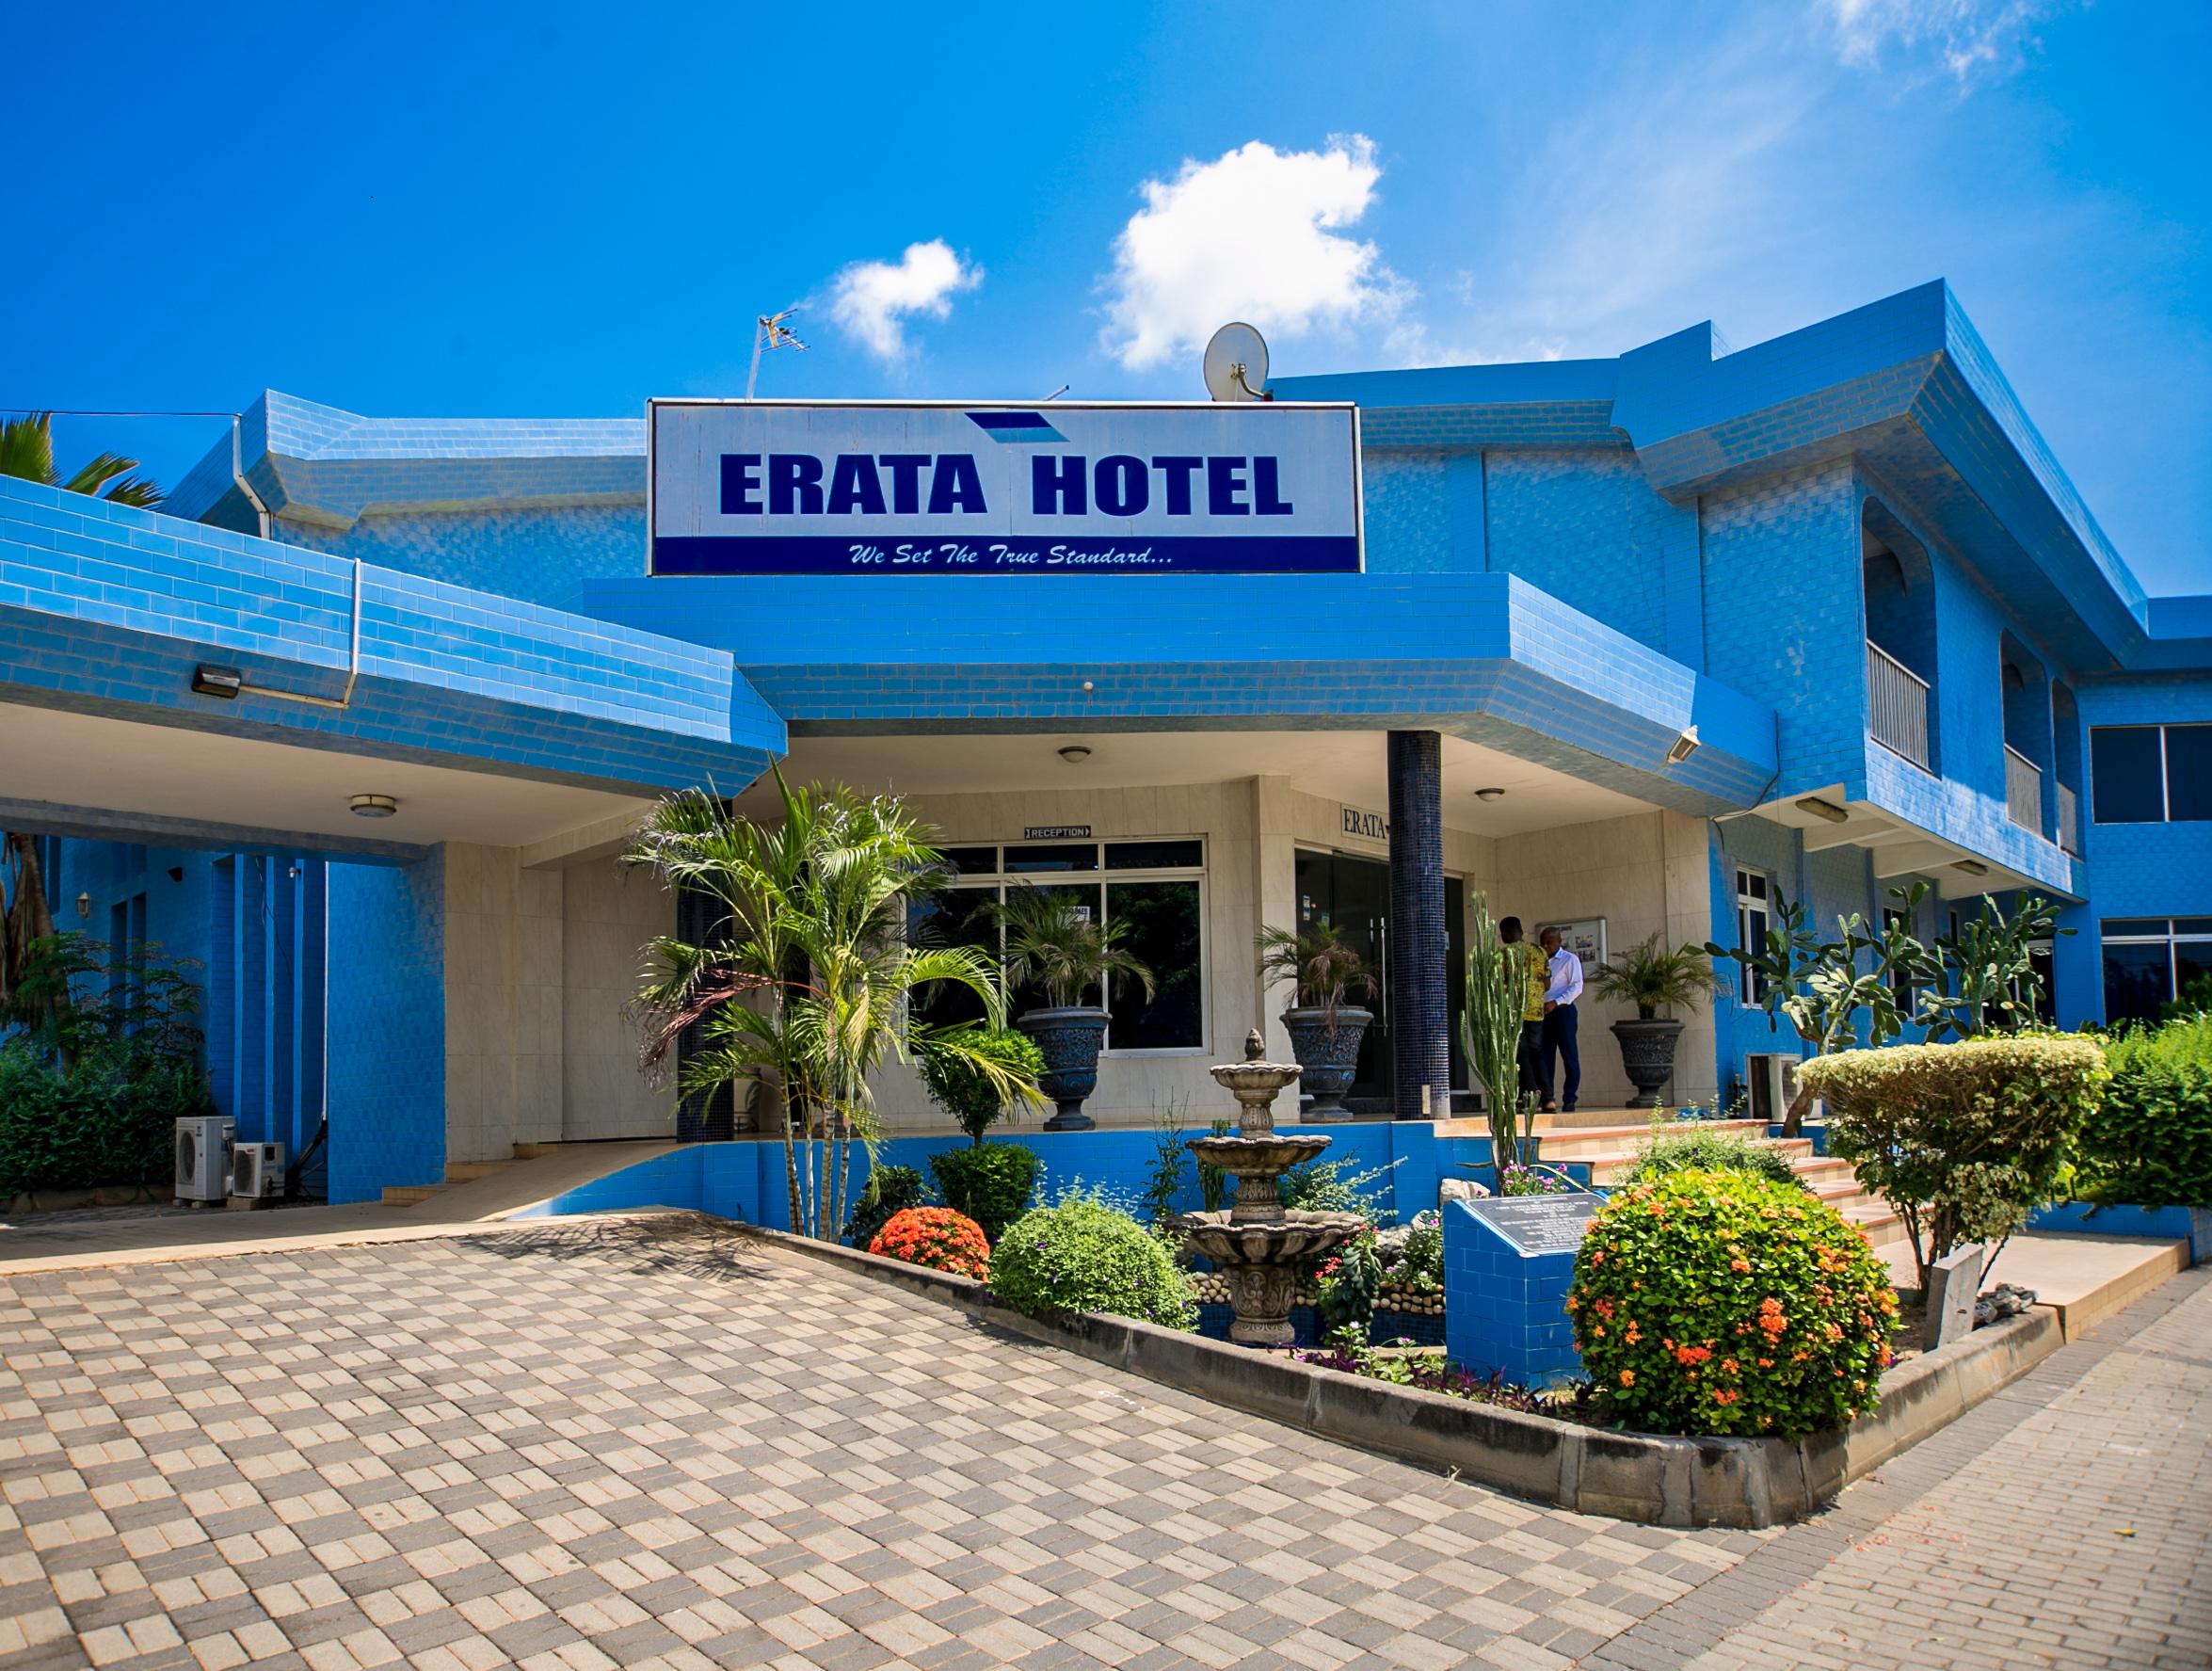 Ghana Hotels.